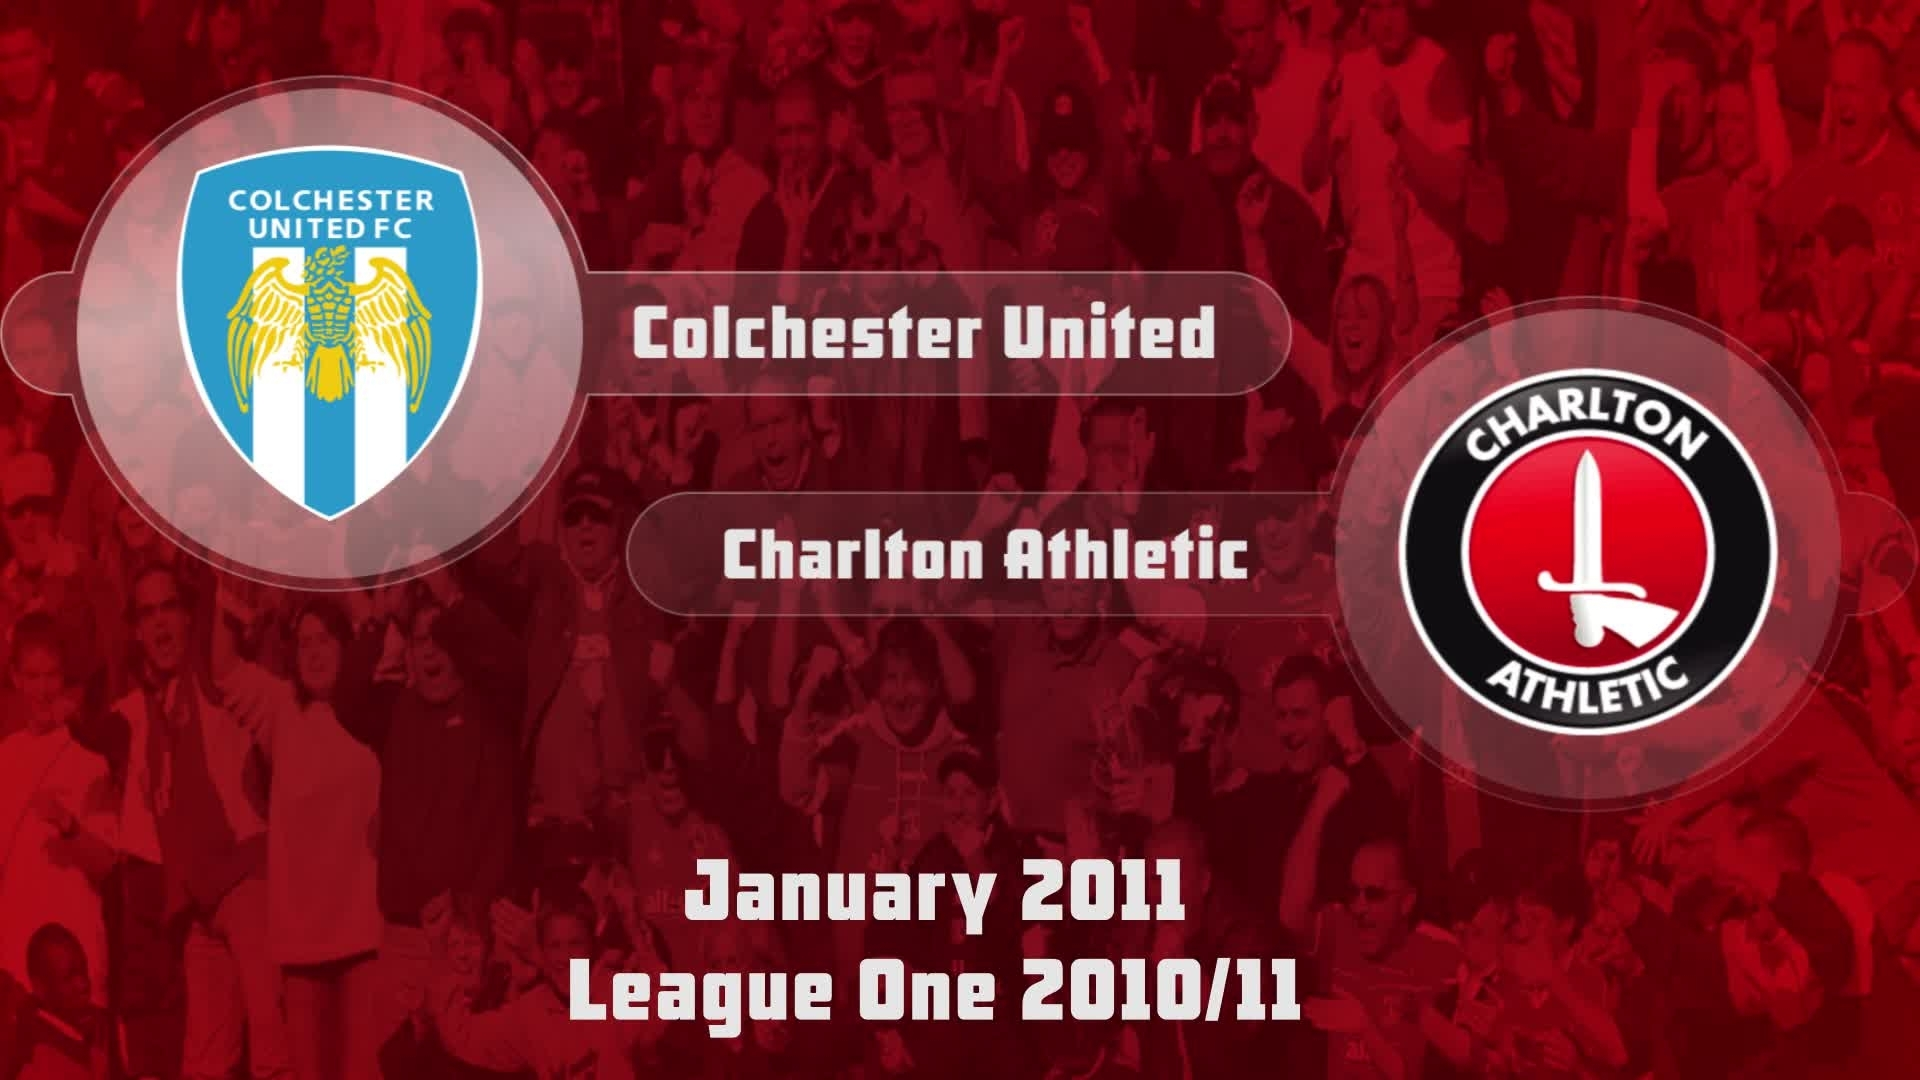 30 HIGHLIGHTS | Colchester 3 Charlton 3 (Jan 2011)